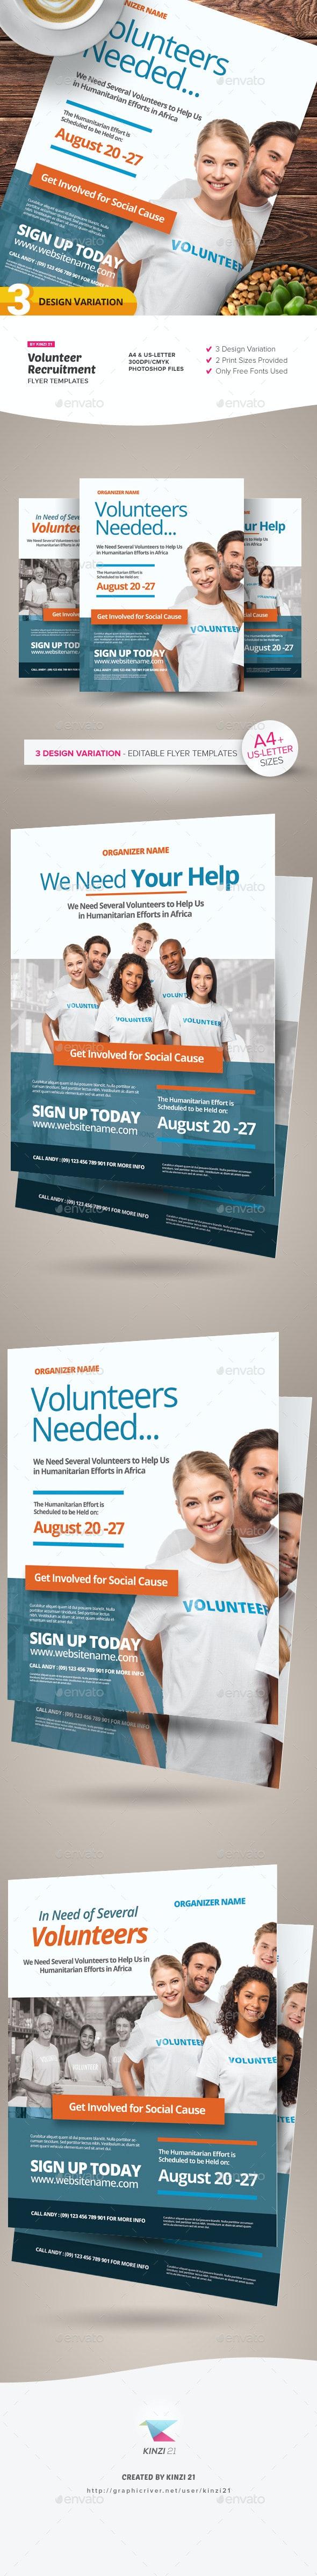 Volunteer Recruitment Flyer Templates - Corporate Flyers